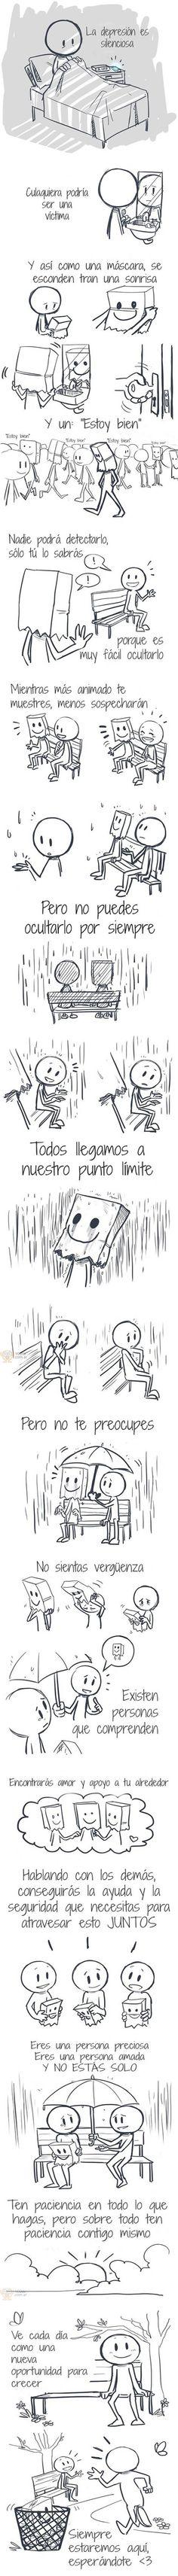 Imagen Larga: La historia de la Depresión http://yeow.com.ar/2014/10/imagen-larga-la-historia-de-la-depresion.html #-- La depresión no es algo sencillo y afecta a muchos. En esta imagen larga, conocerás una historia de depresión y como salir adelante fácilmente.